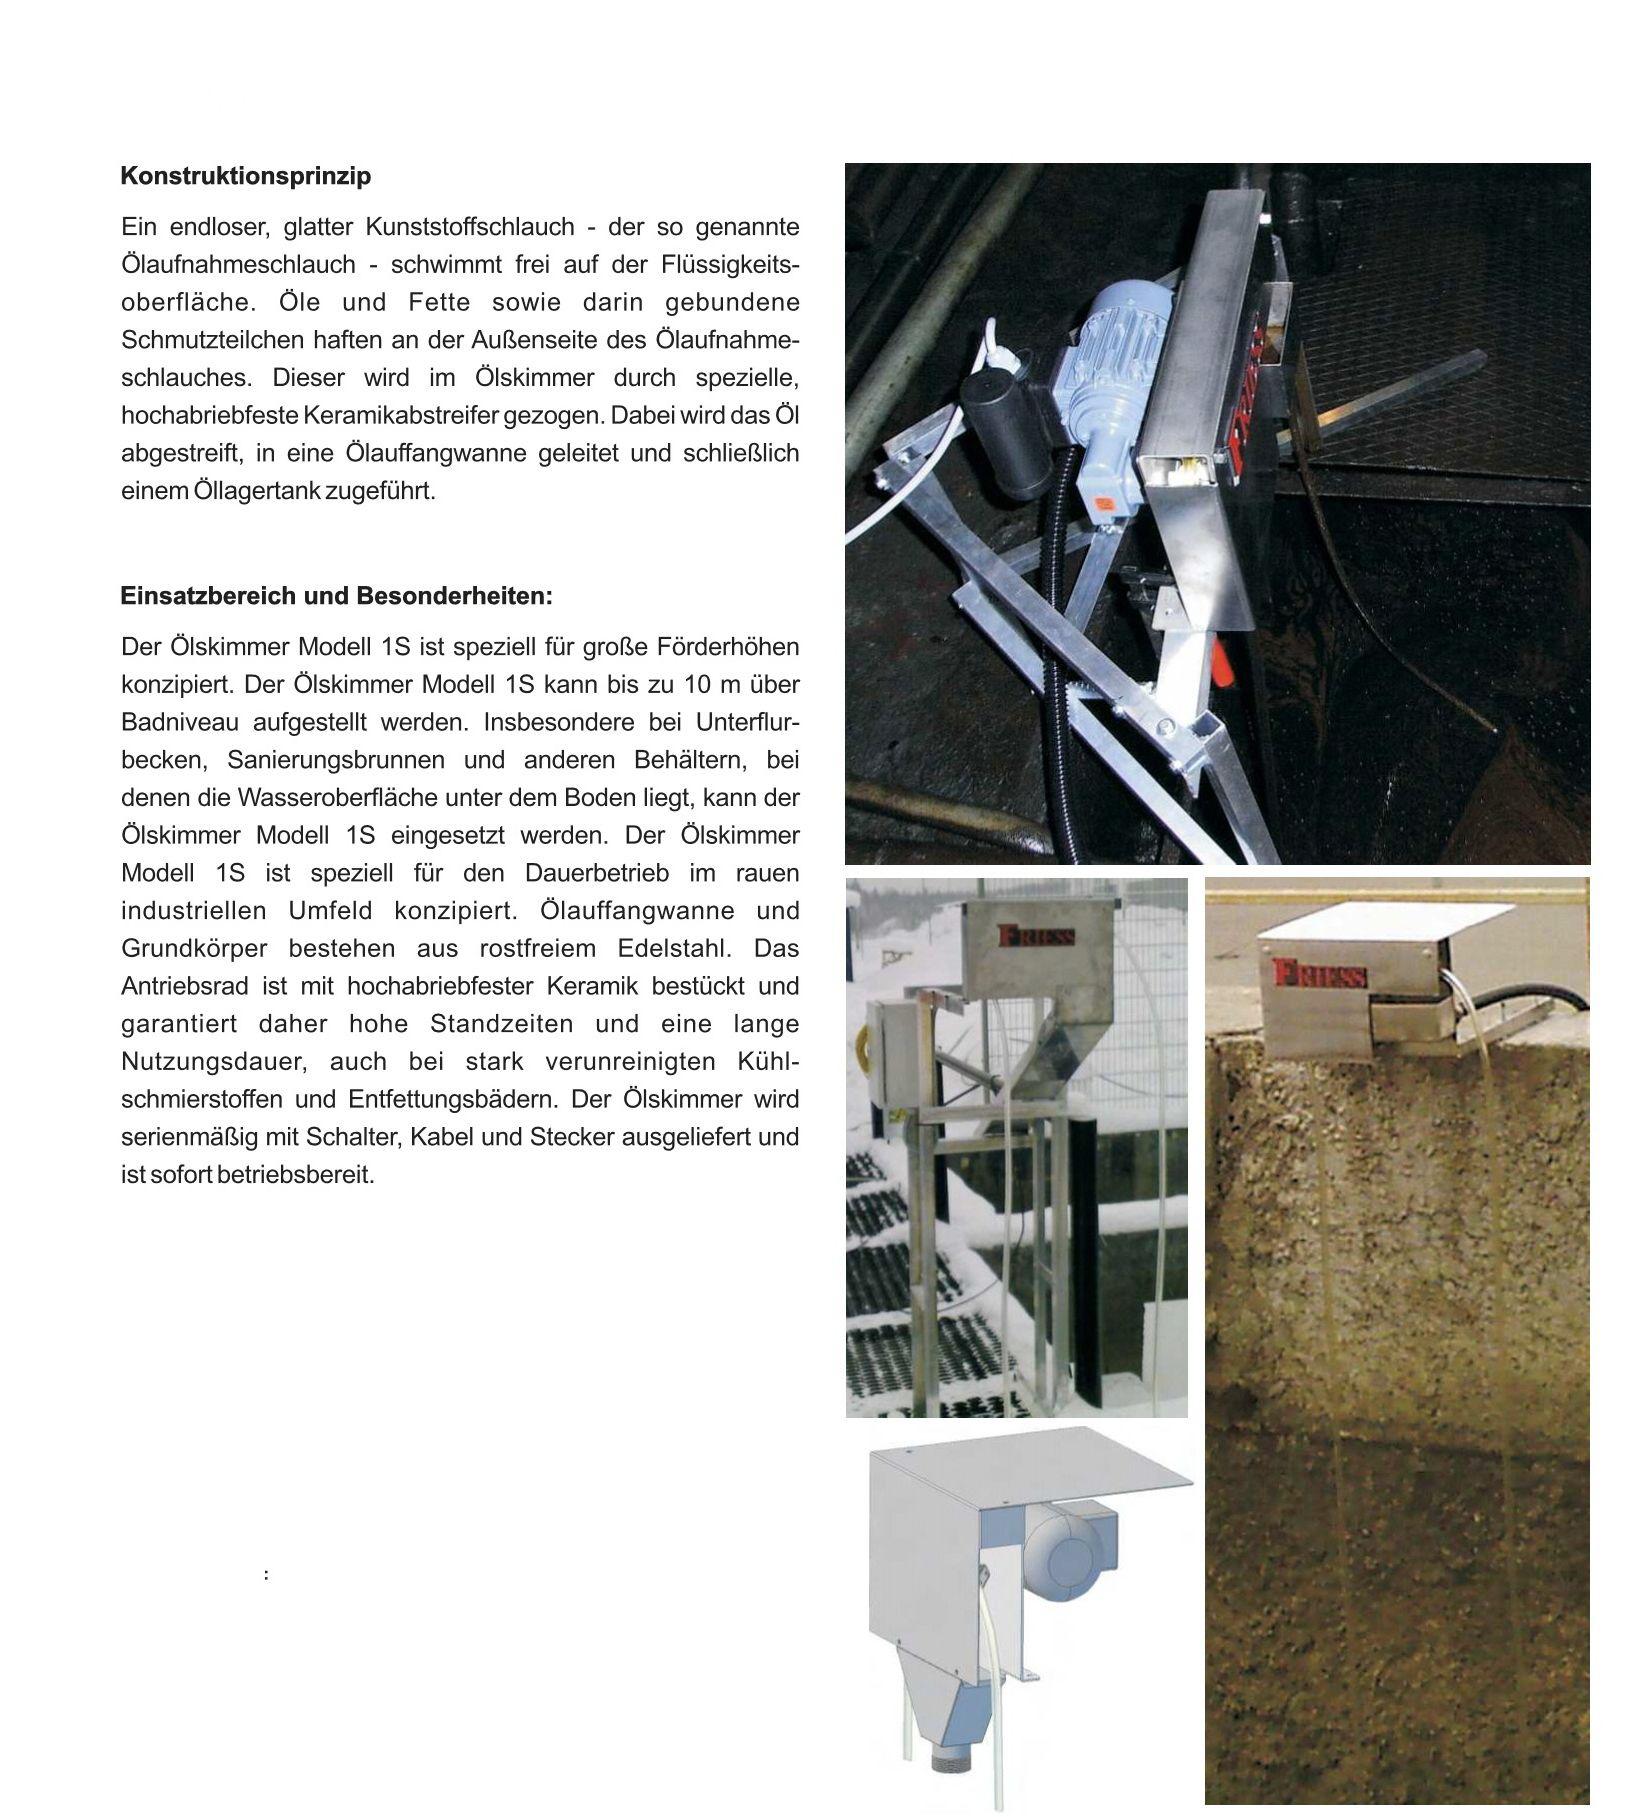 Datenblatt-Modell-1S_2